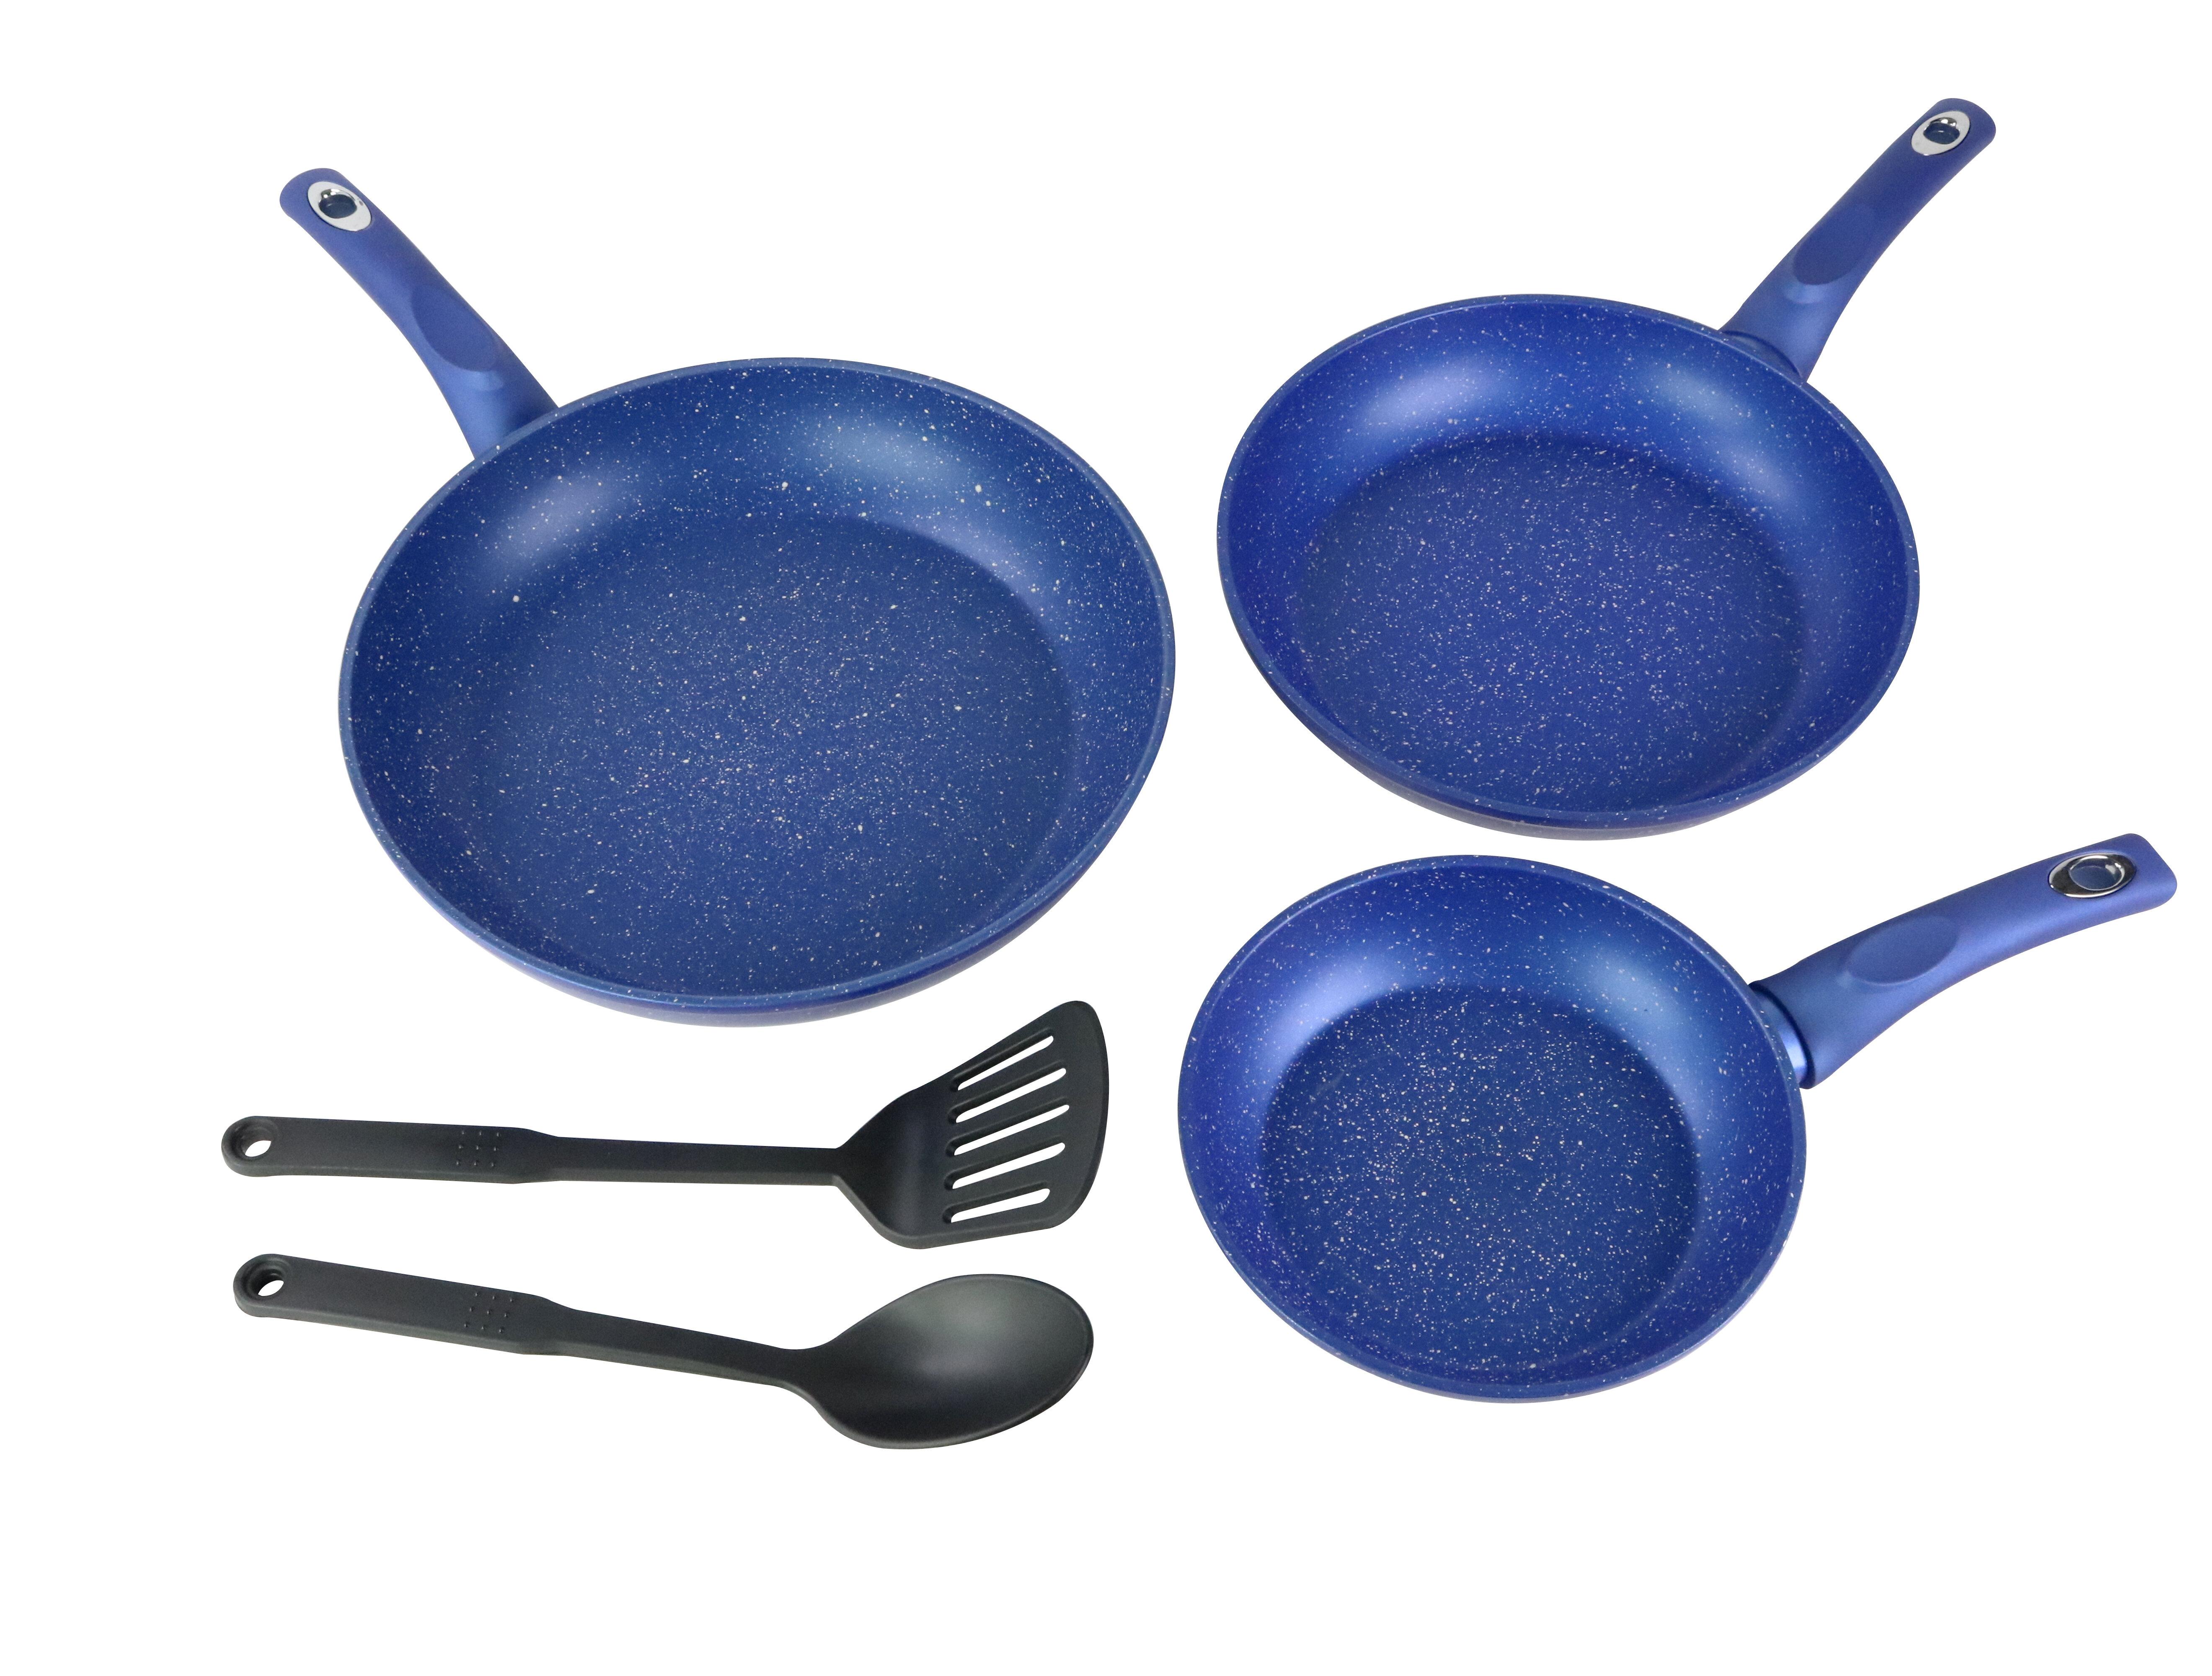 Cookinex 3 Piece Aluminum Non Stick Fry Pan Set Wayfair